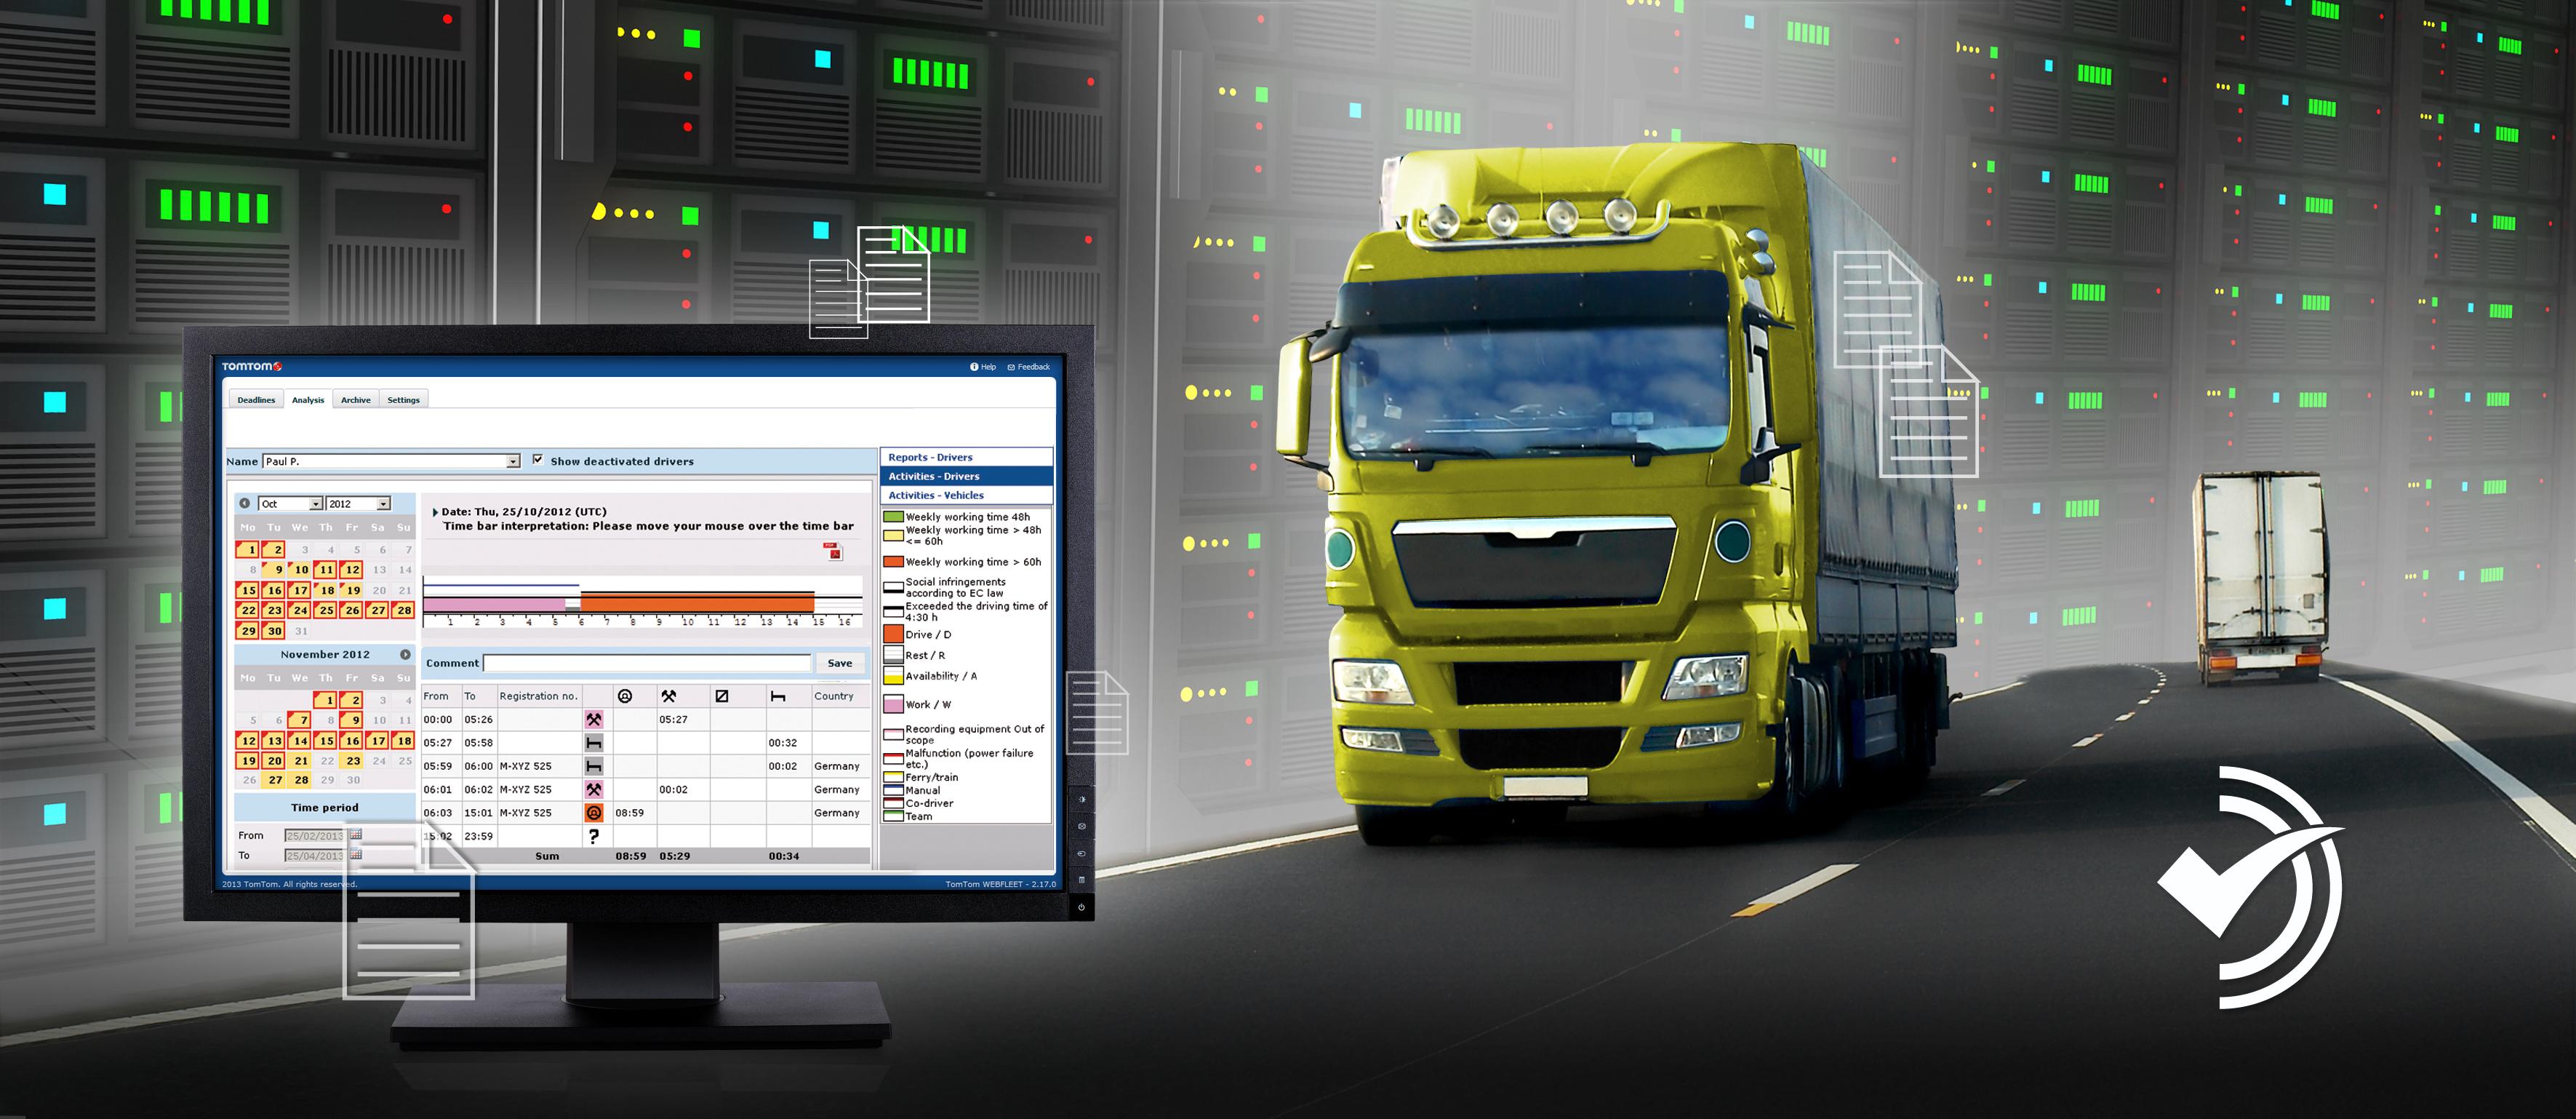 TomTom Business Solutions annuncia la nuova soluzione all-in-one per la gestione dei dati del tachigrafo